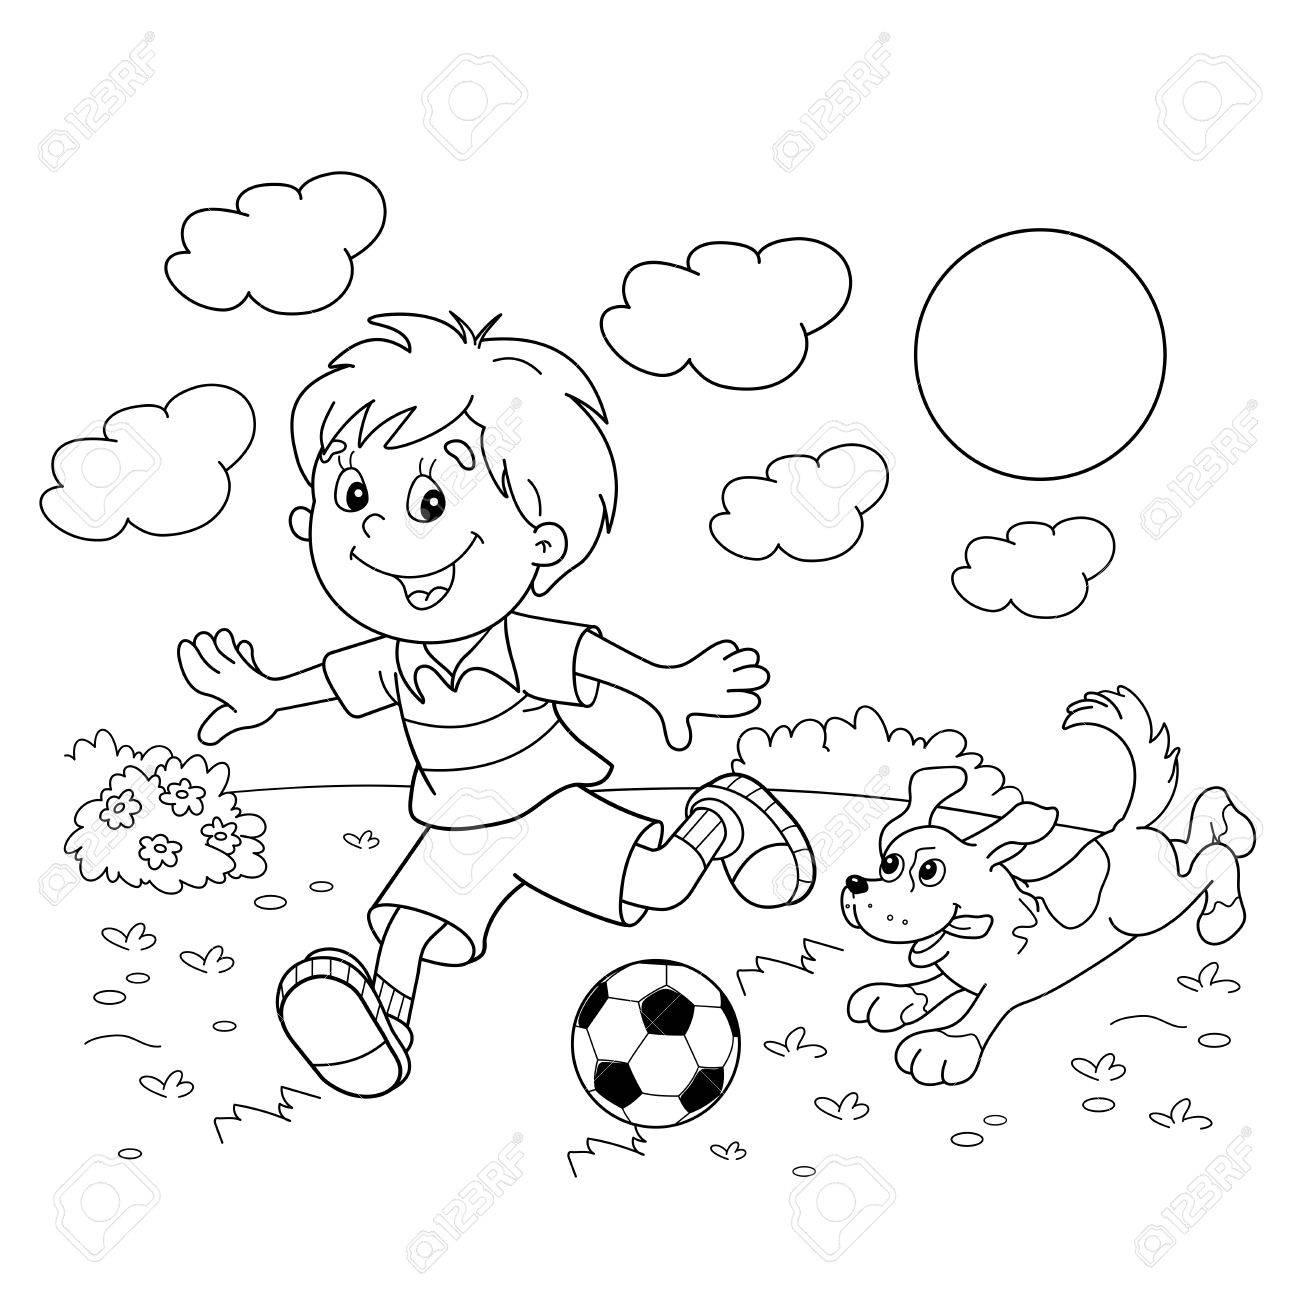 Página Para Colorear Esquema Del Niño De Dibujos Animados Con Un Balón De Fútbol Con El Perro Fútbol Libro De Colorear Para Niños